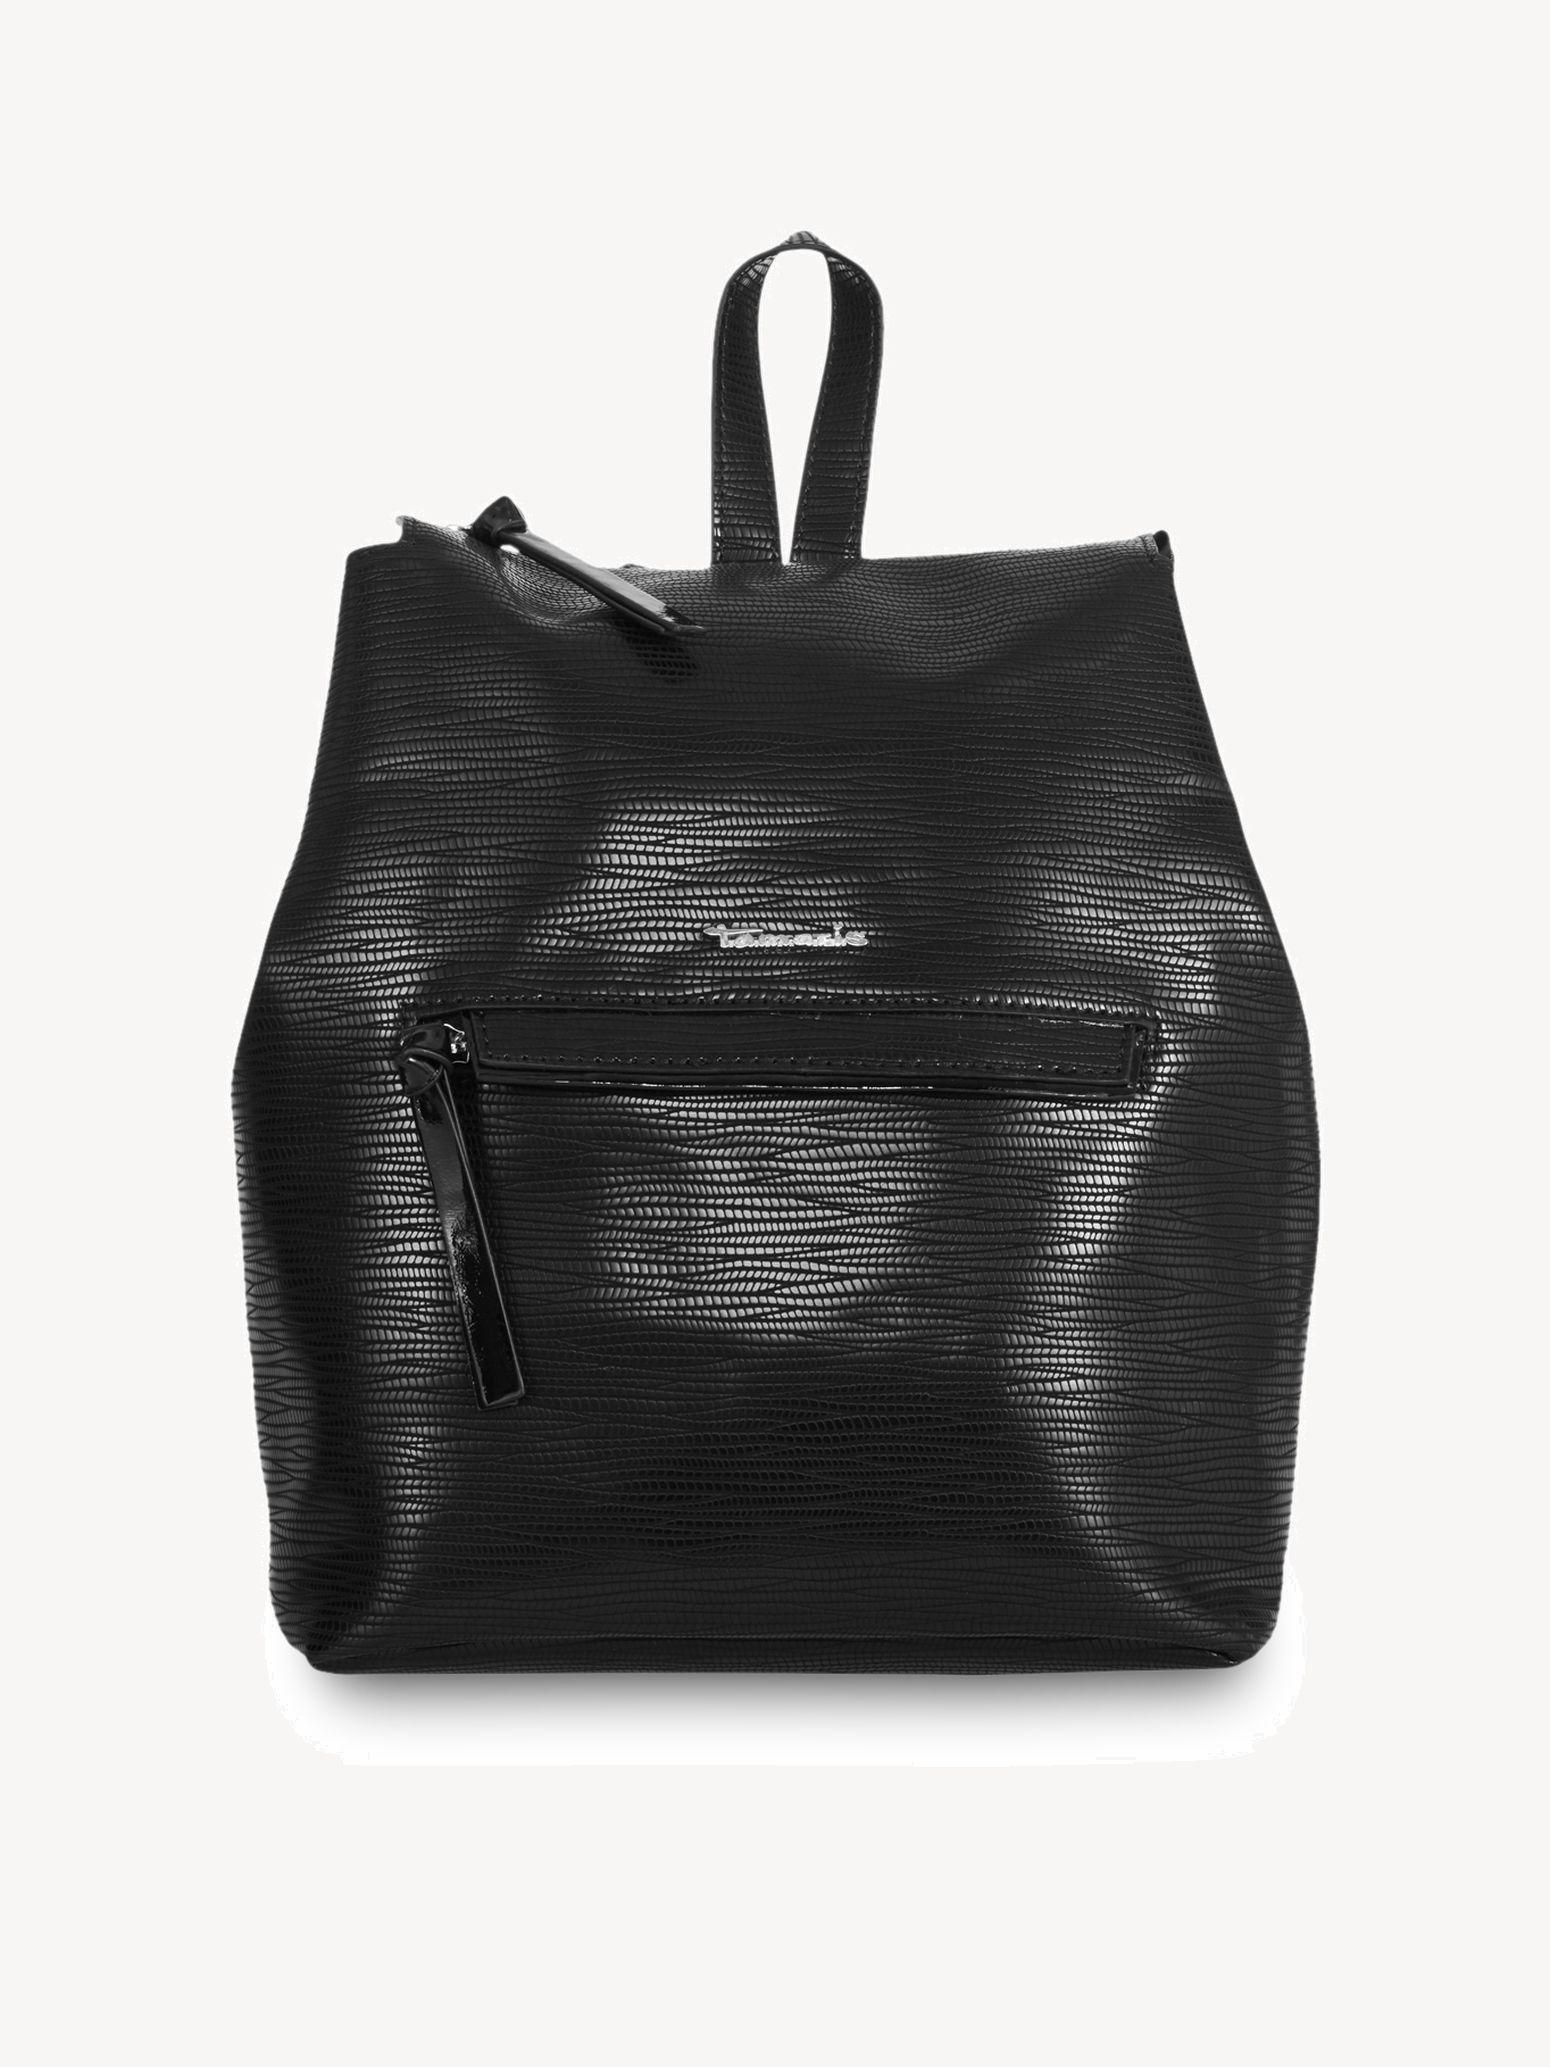 Mode TAMARIS Rucksack 'Babette' in schwarz Frauen Taschen